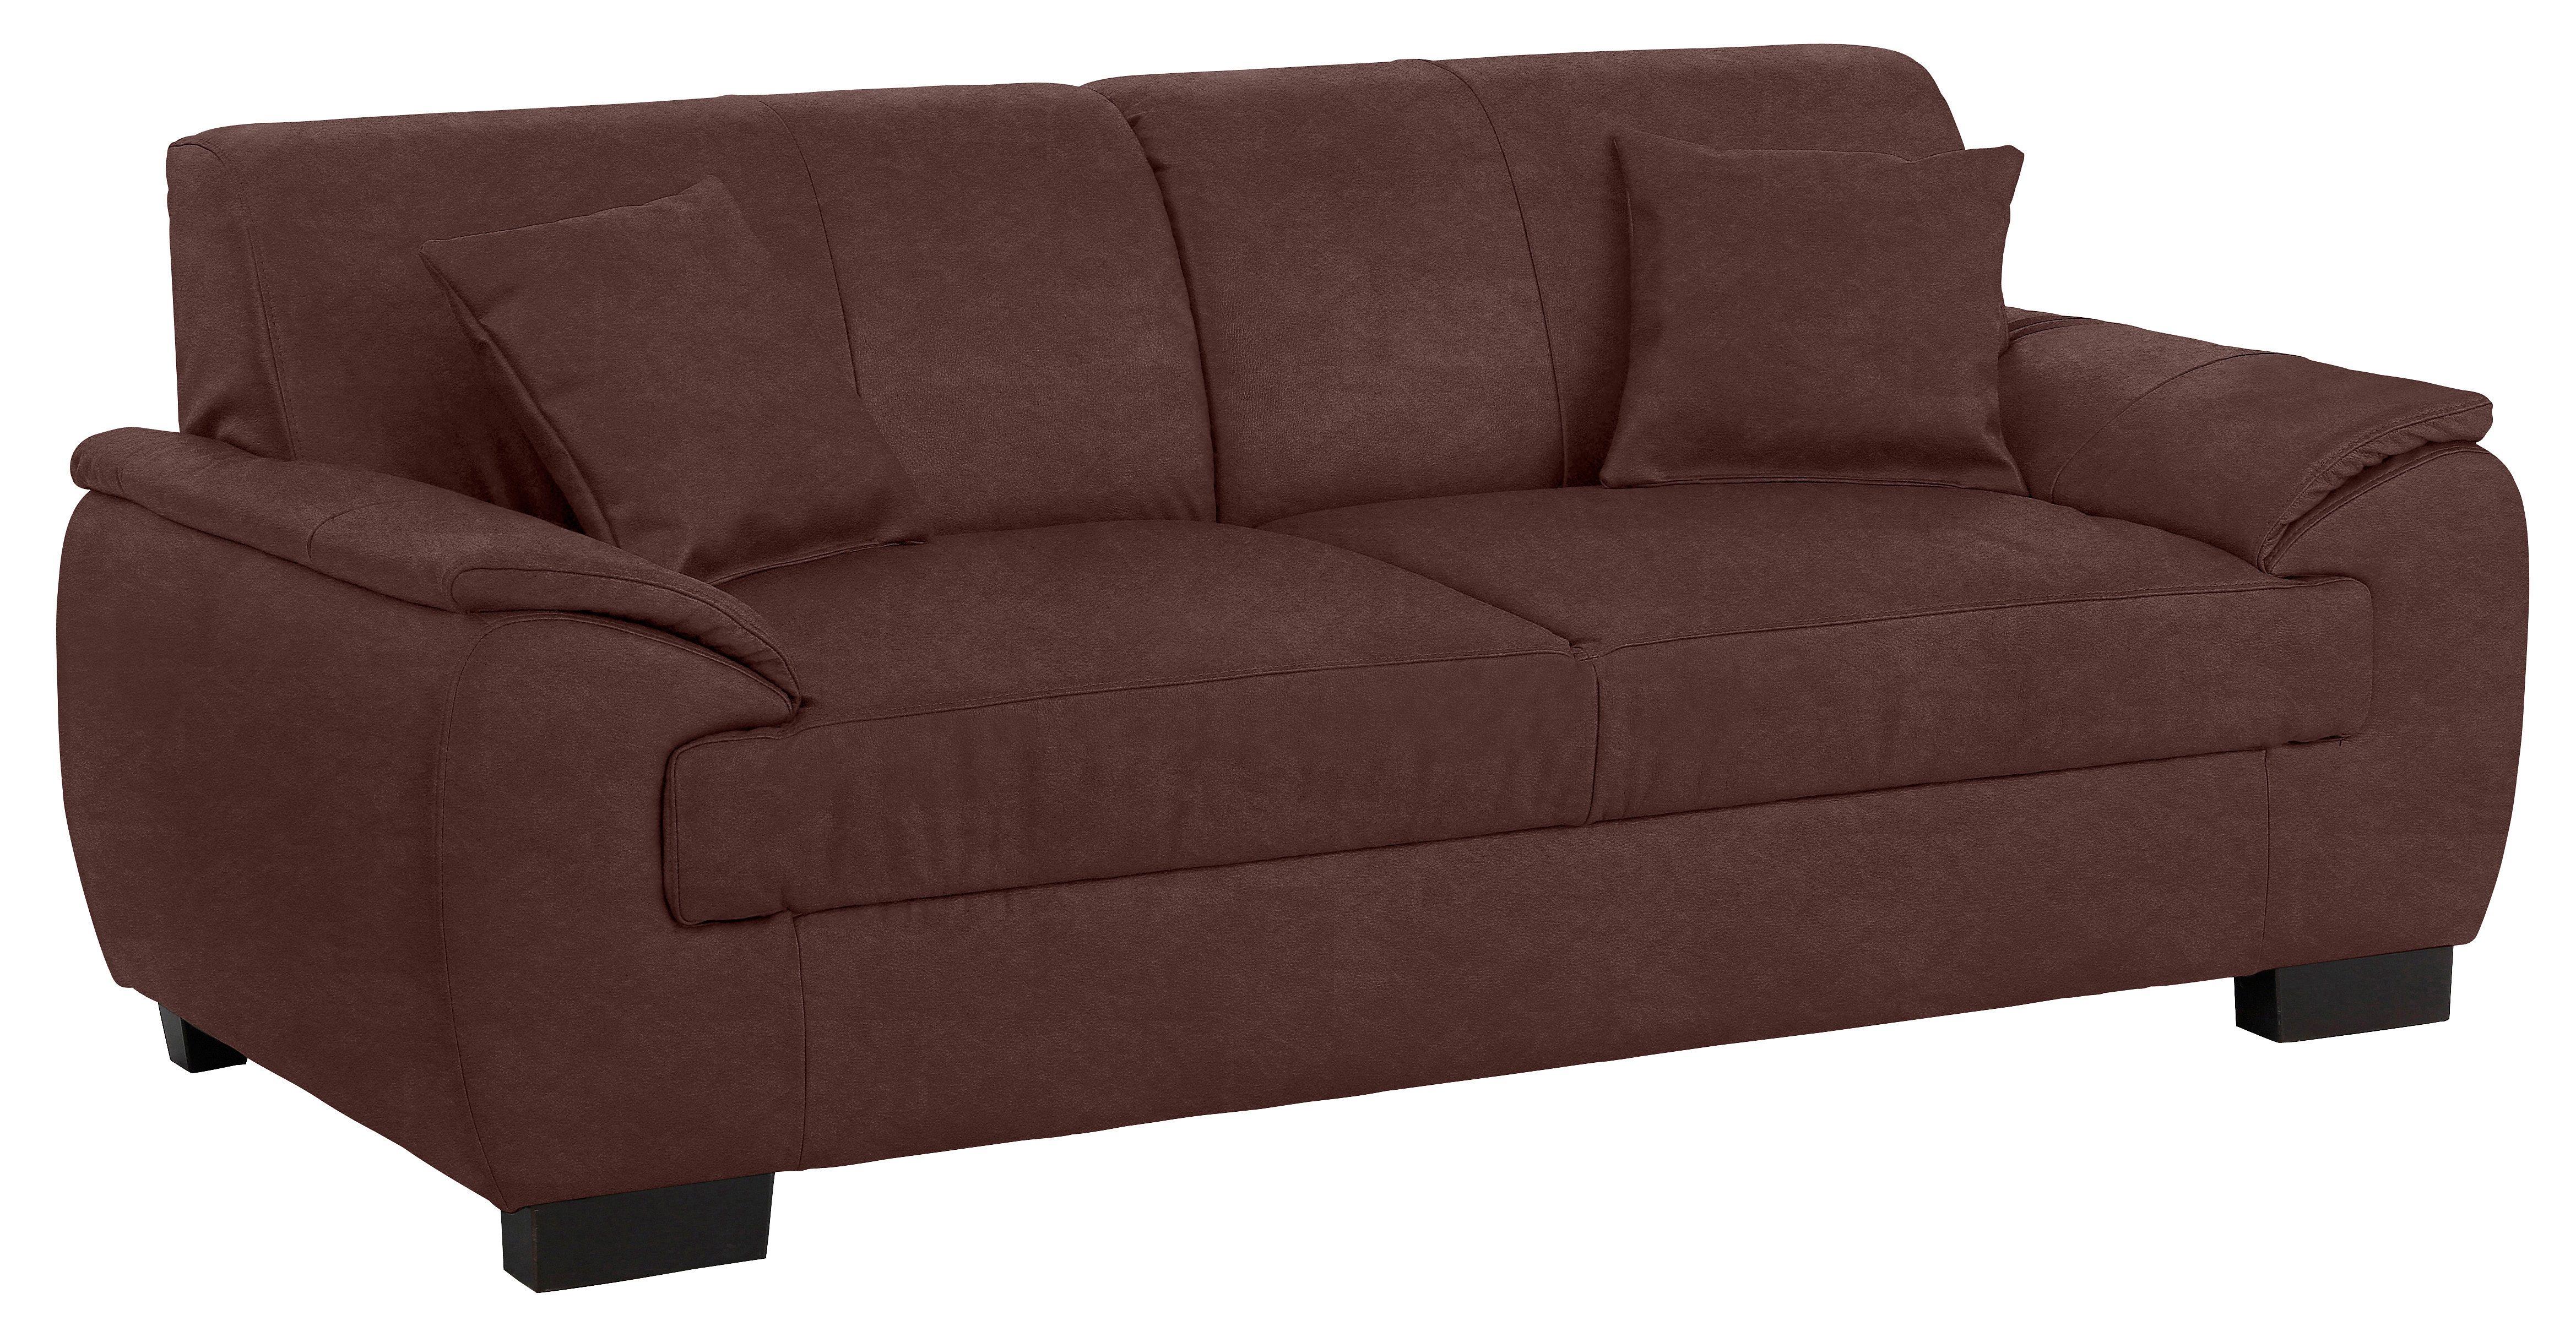 Premium collection by Home affaire 2-Sitzer Loft